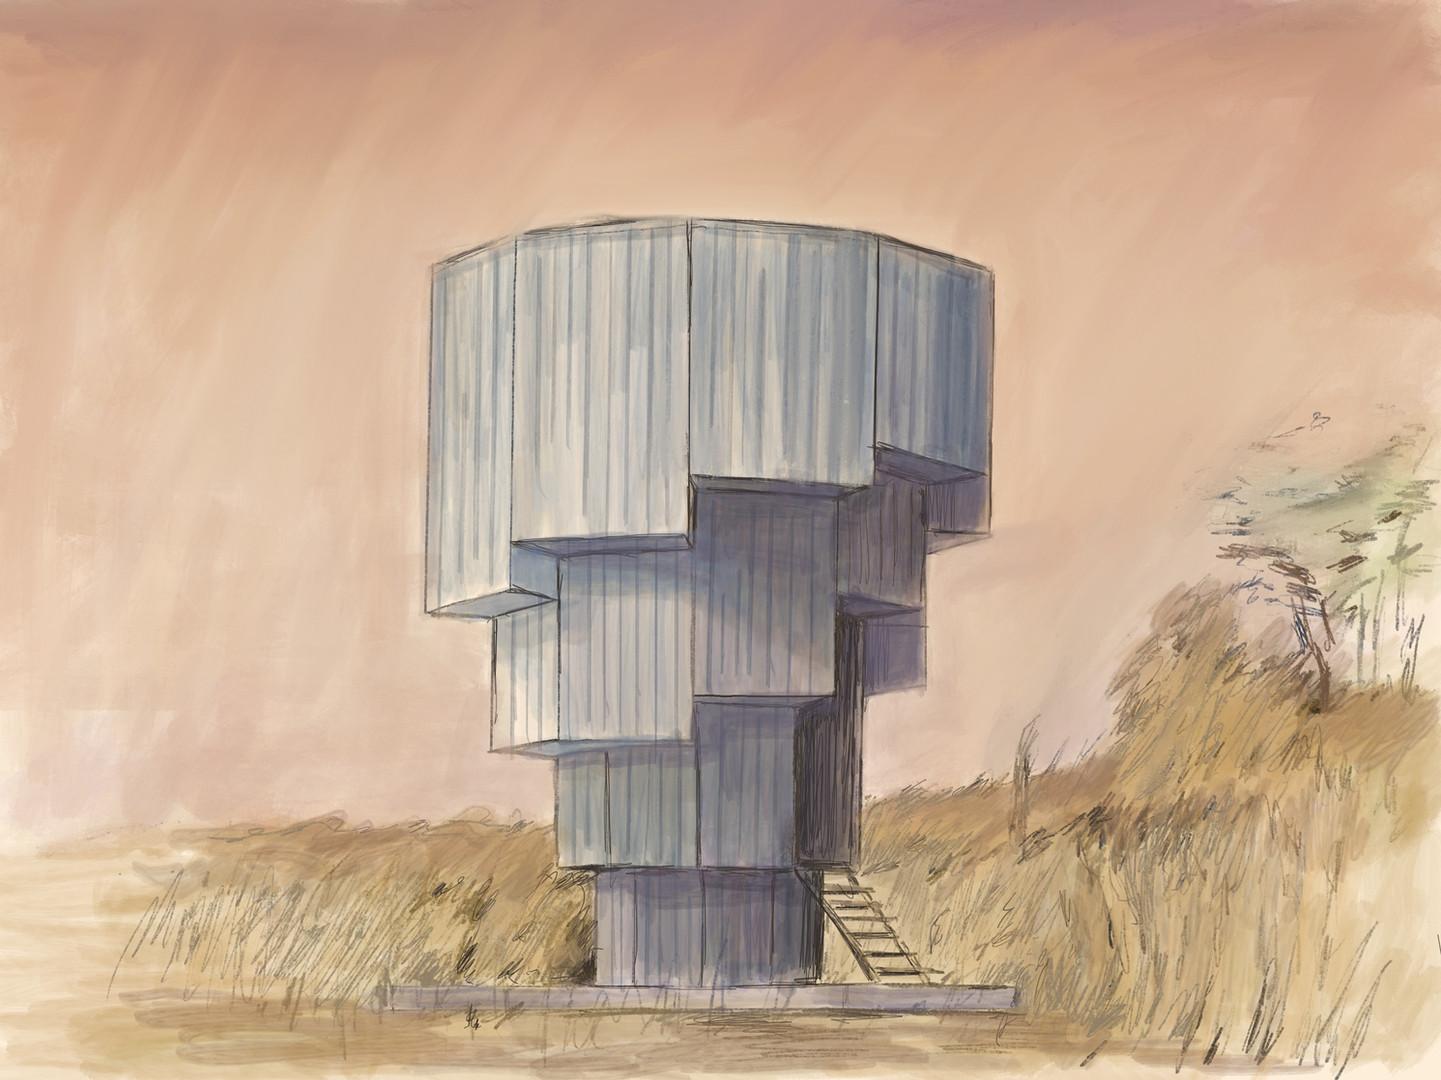 Wilderness Tower